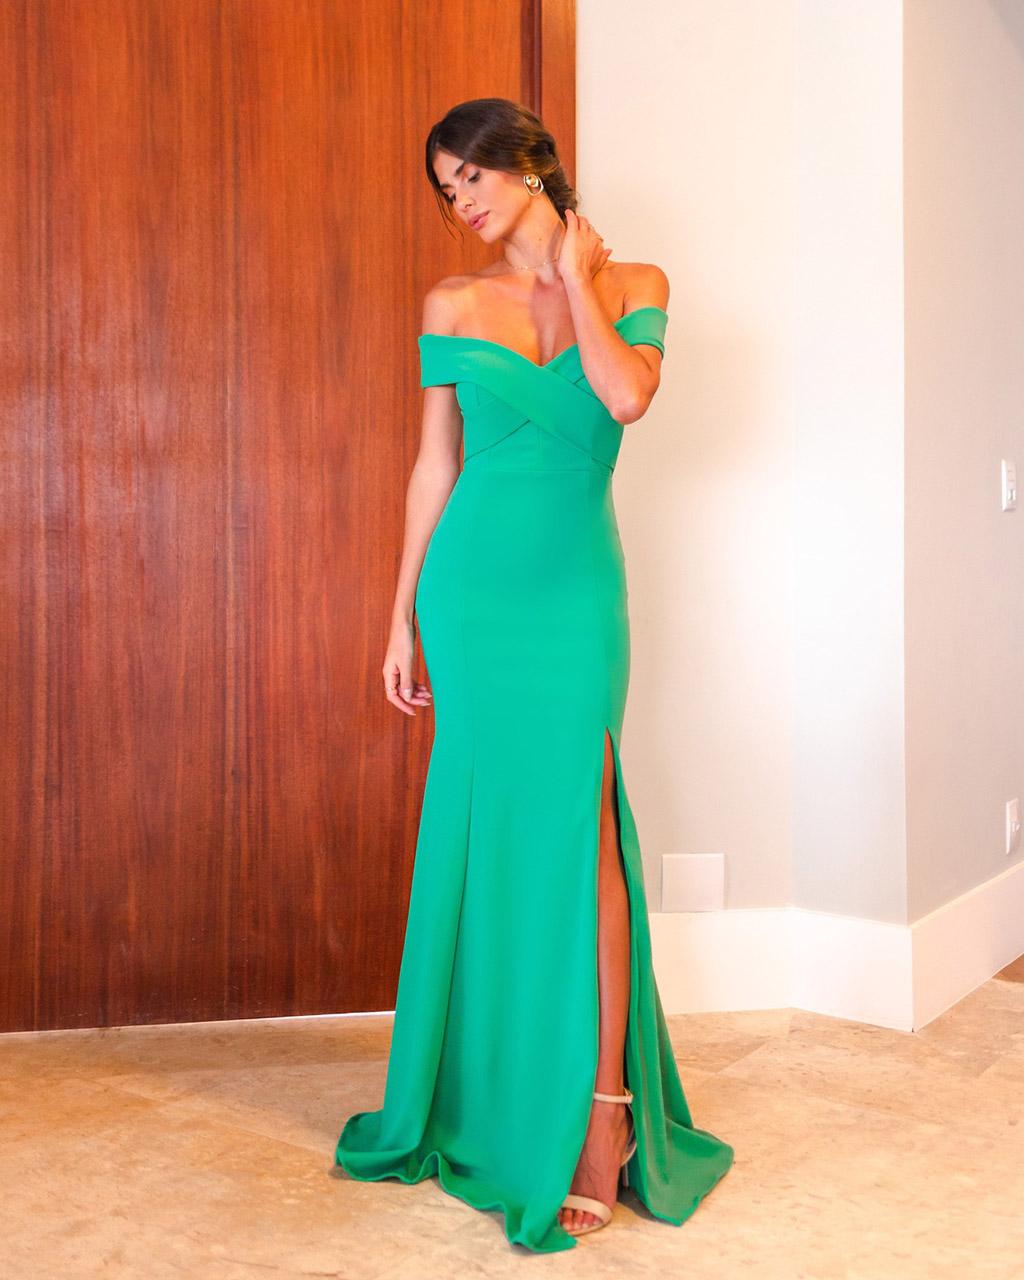 Vestido Ana Lucia  - Empório NM